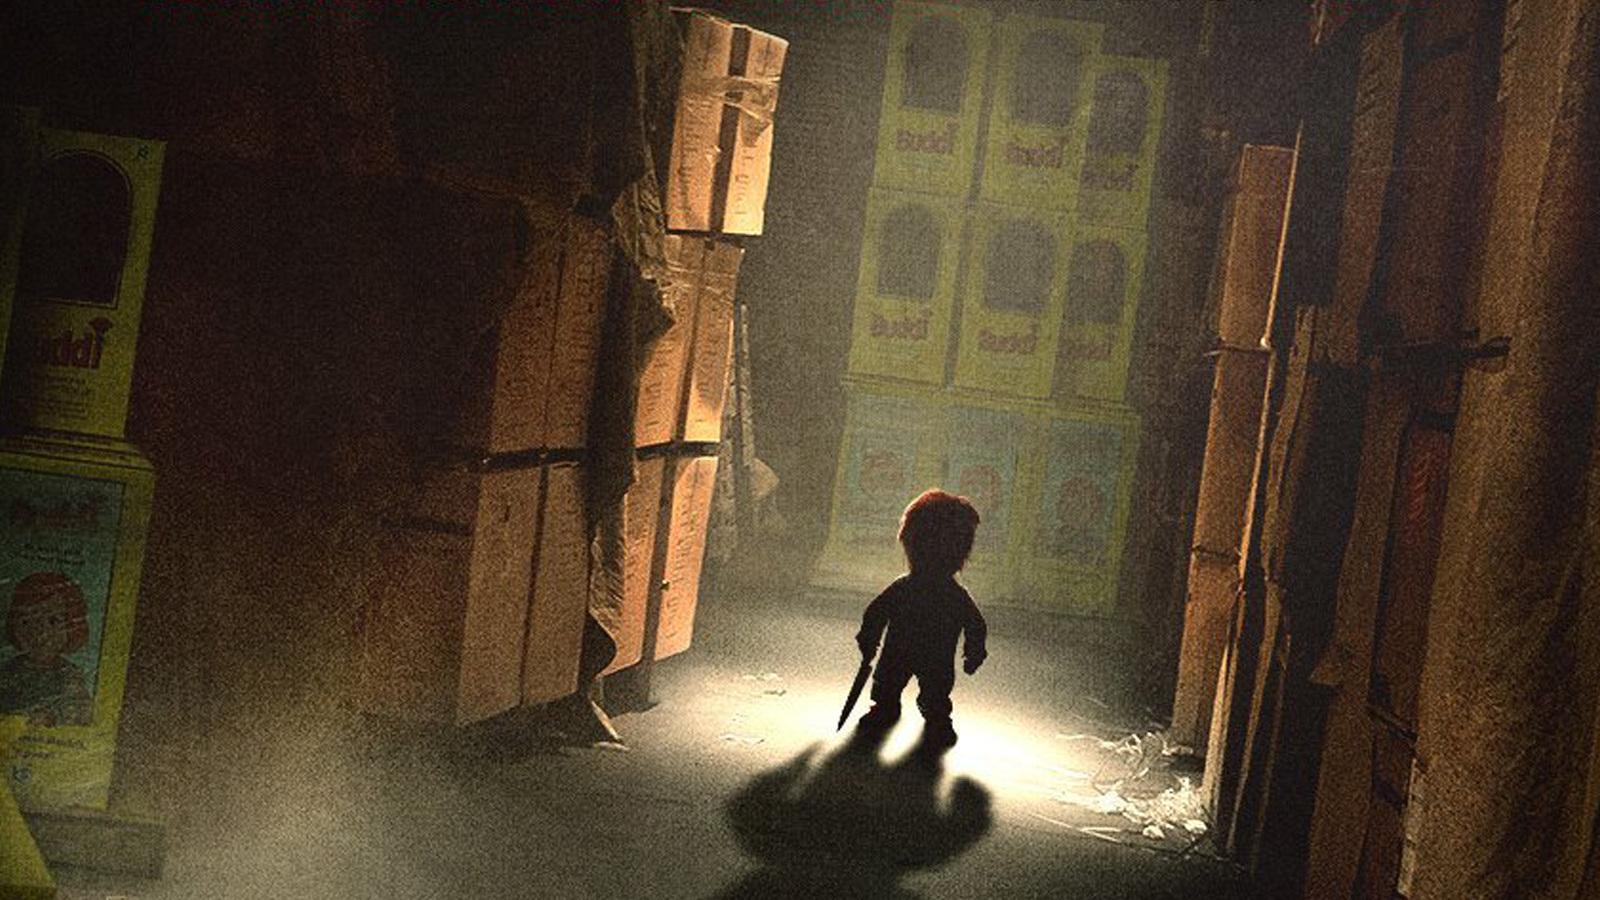 Chucky remake promo art 2